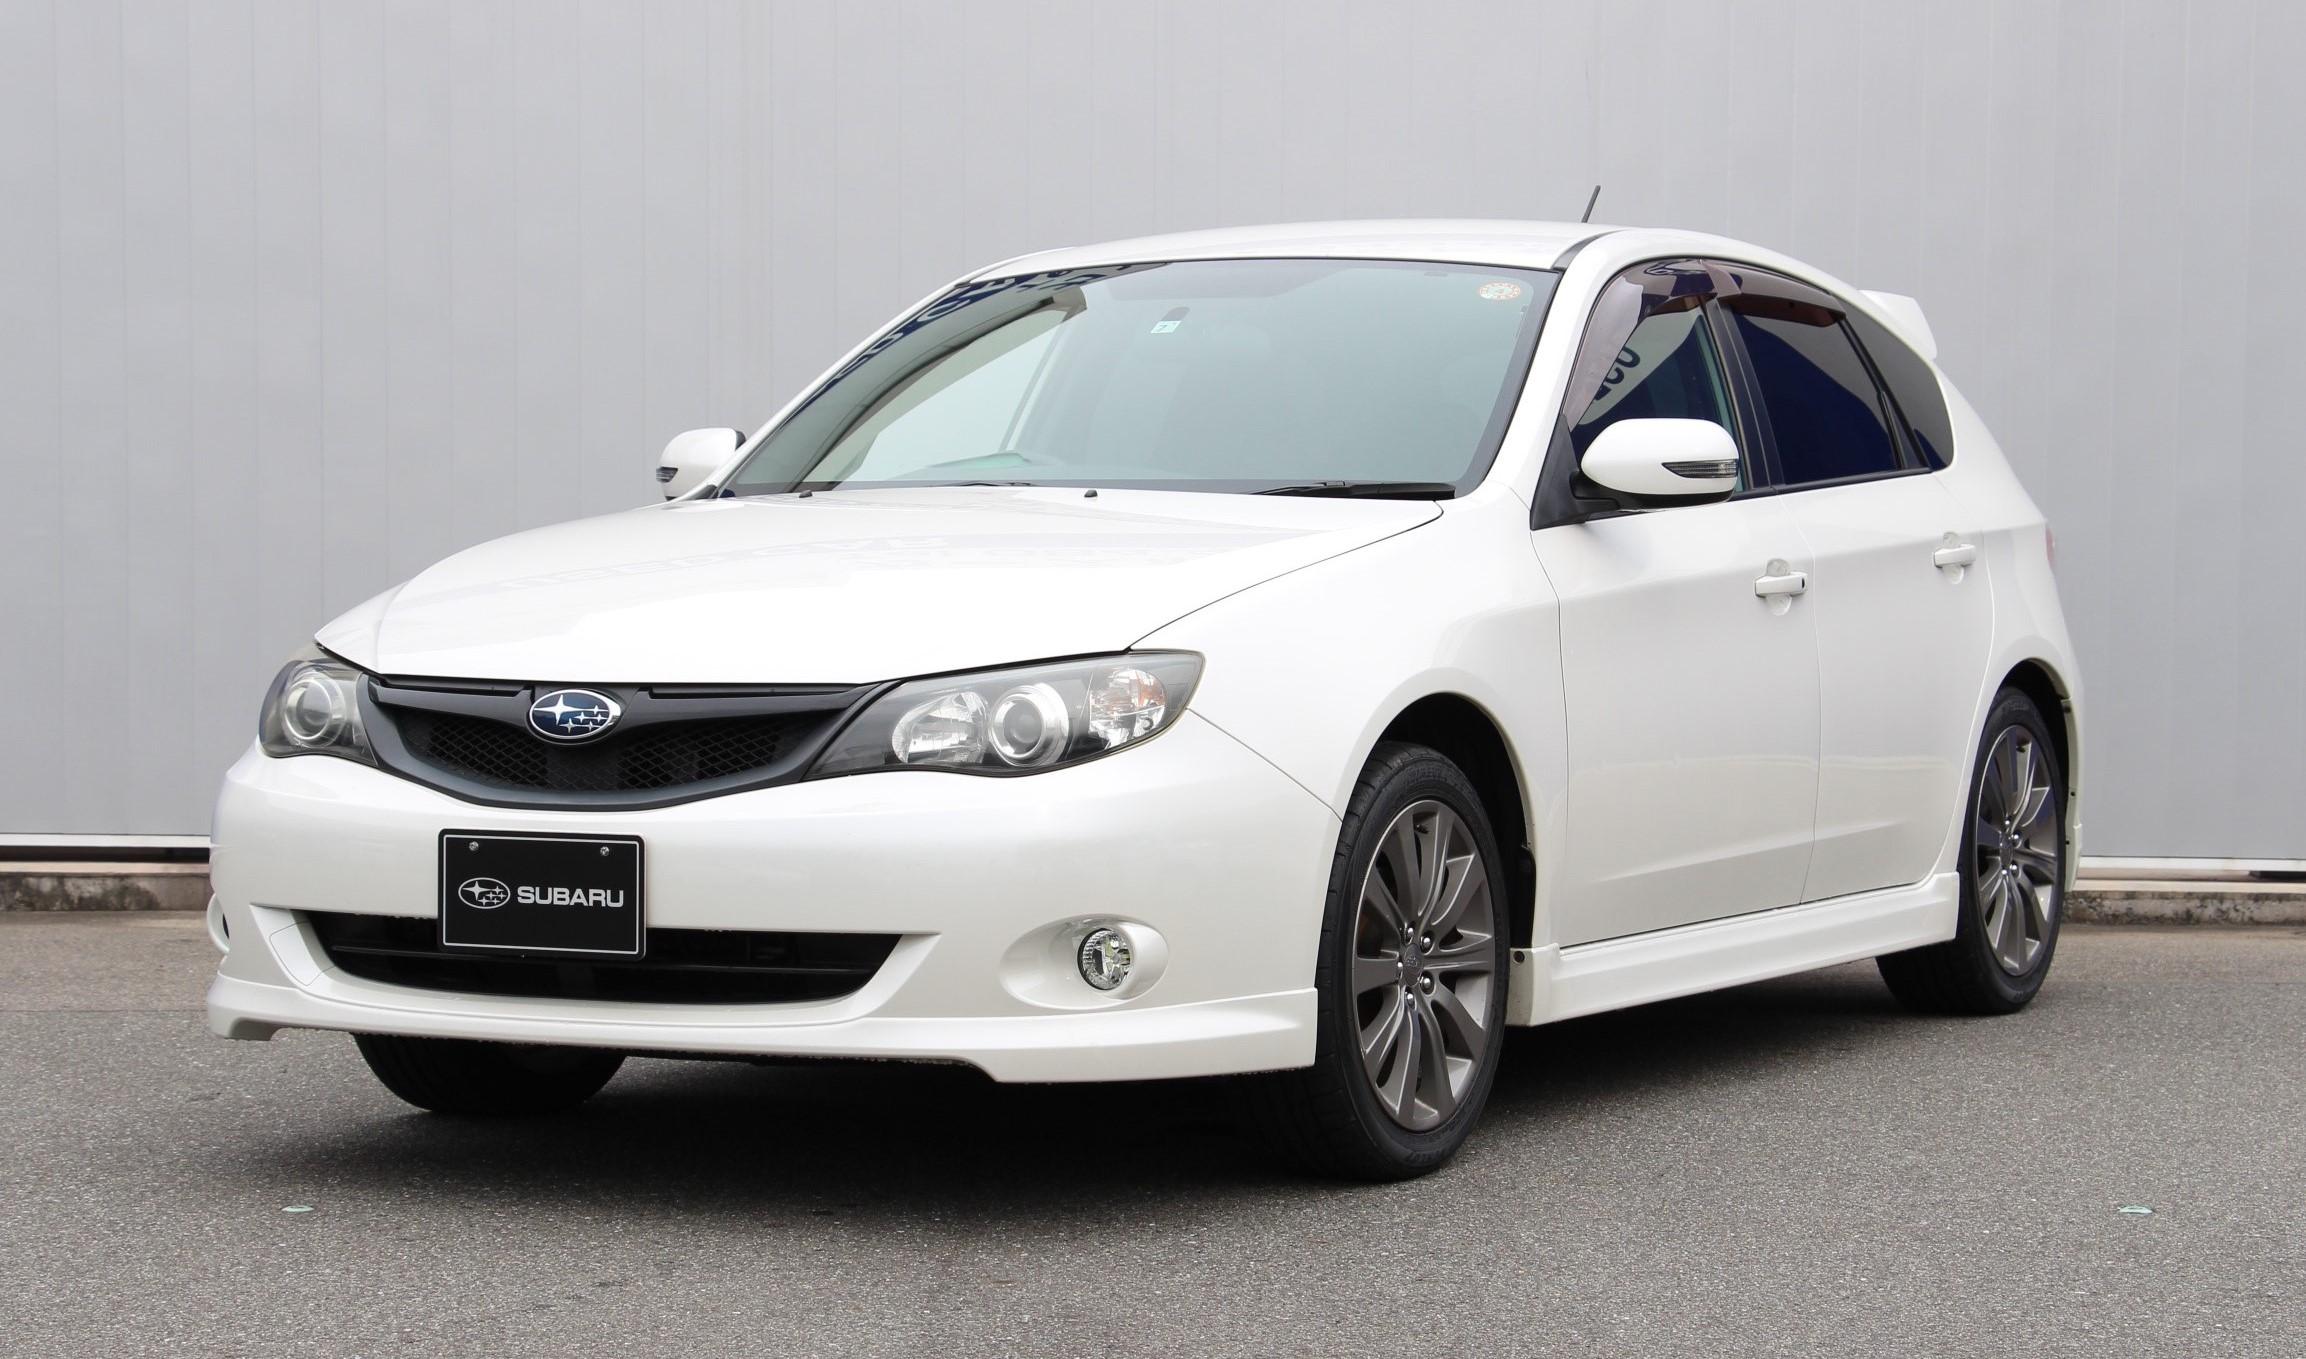 GH最終型の 特別仕様車 インプレッサ 2.0i-S Limited が入荷しました!